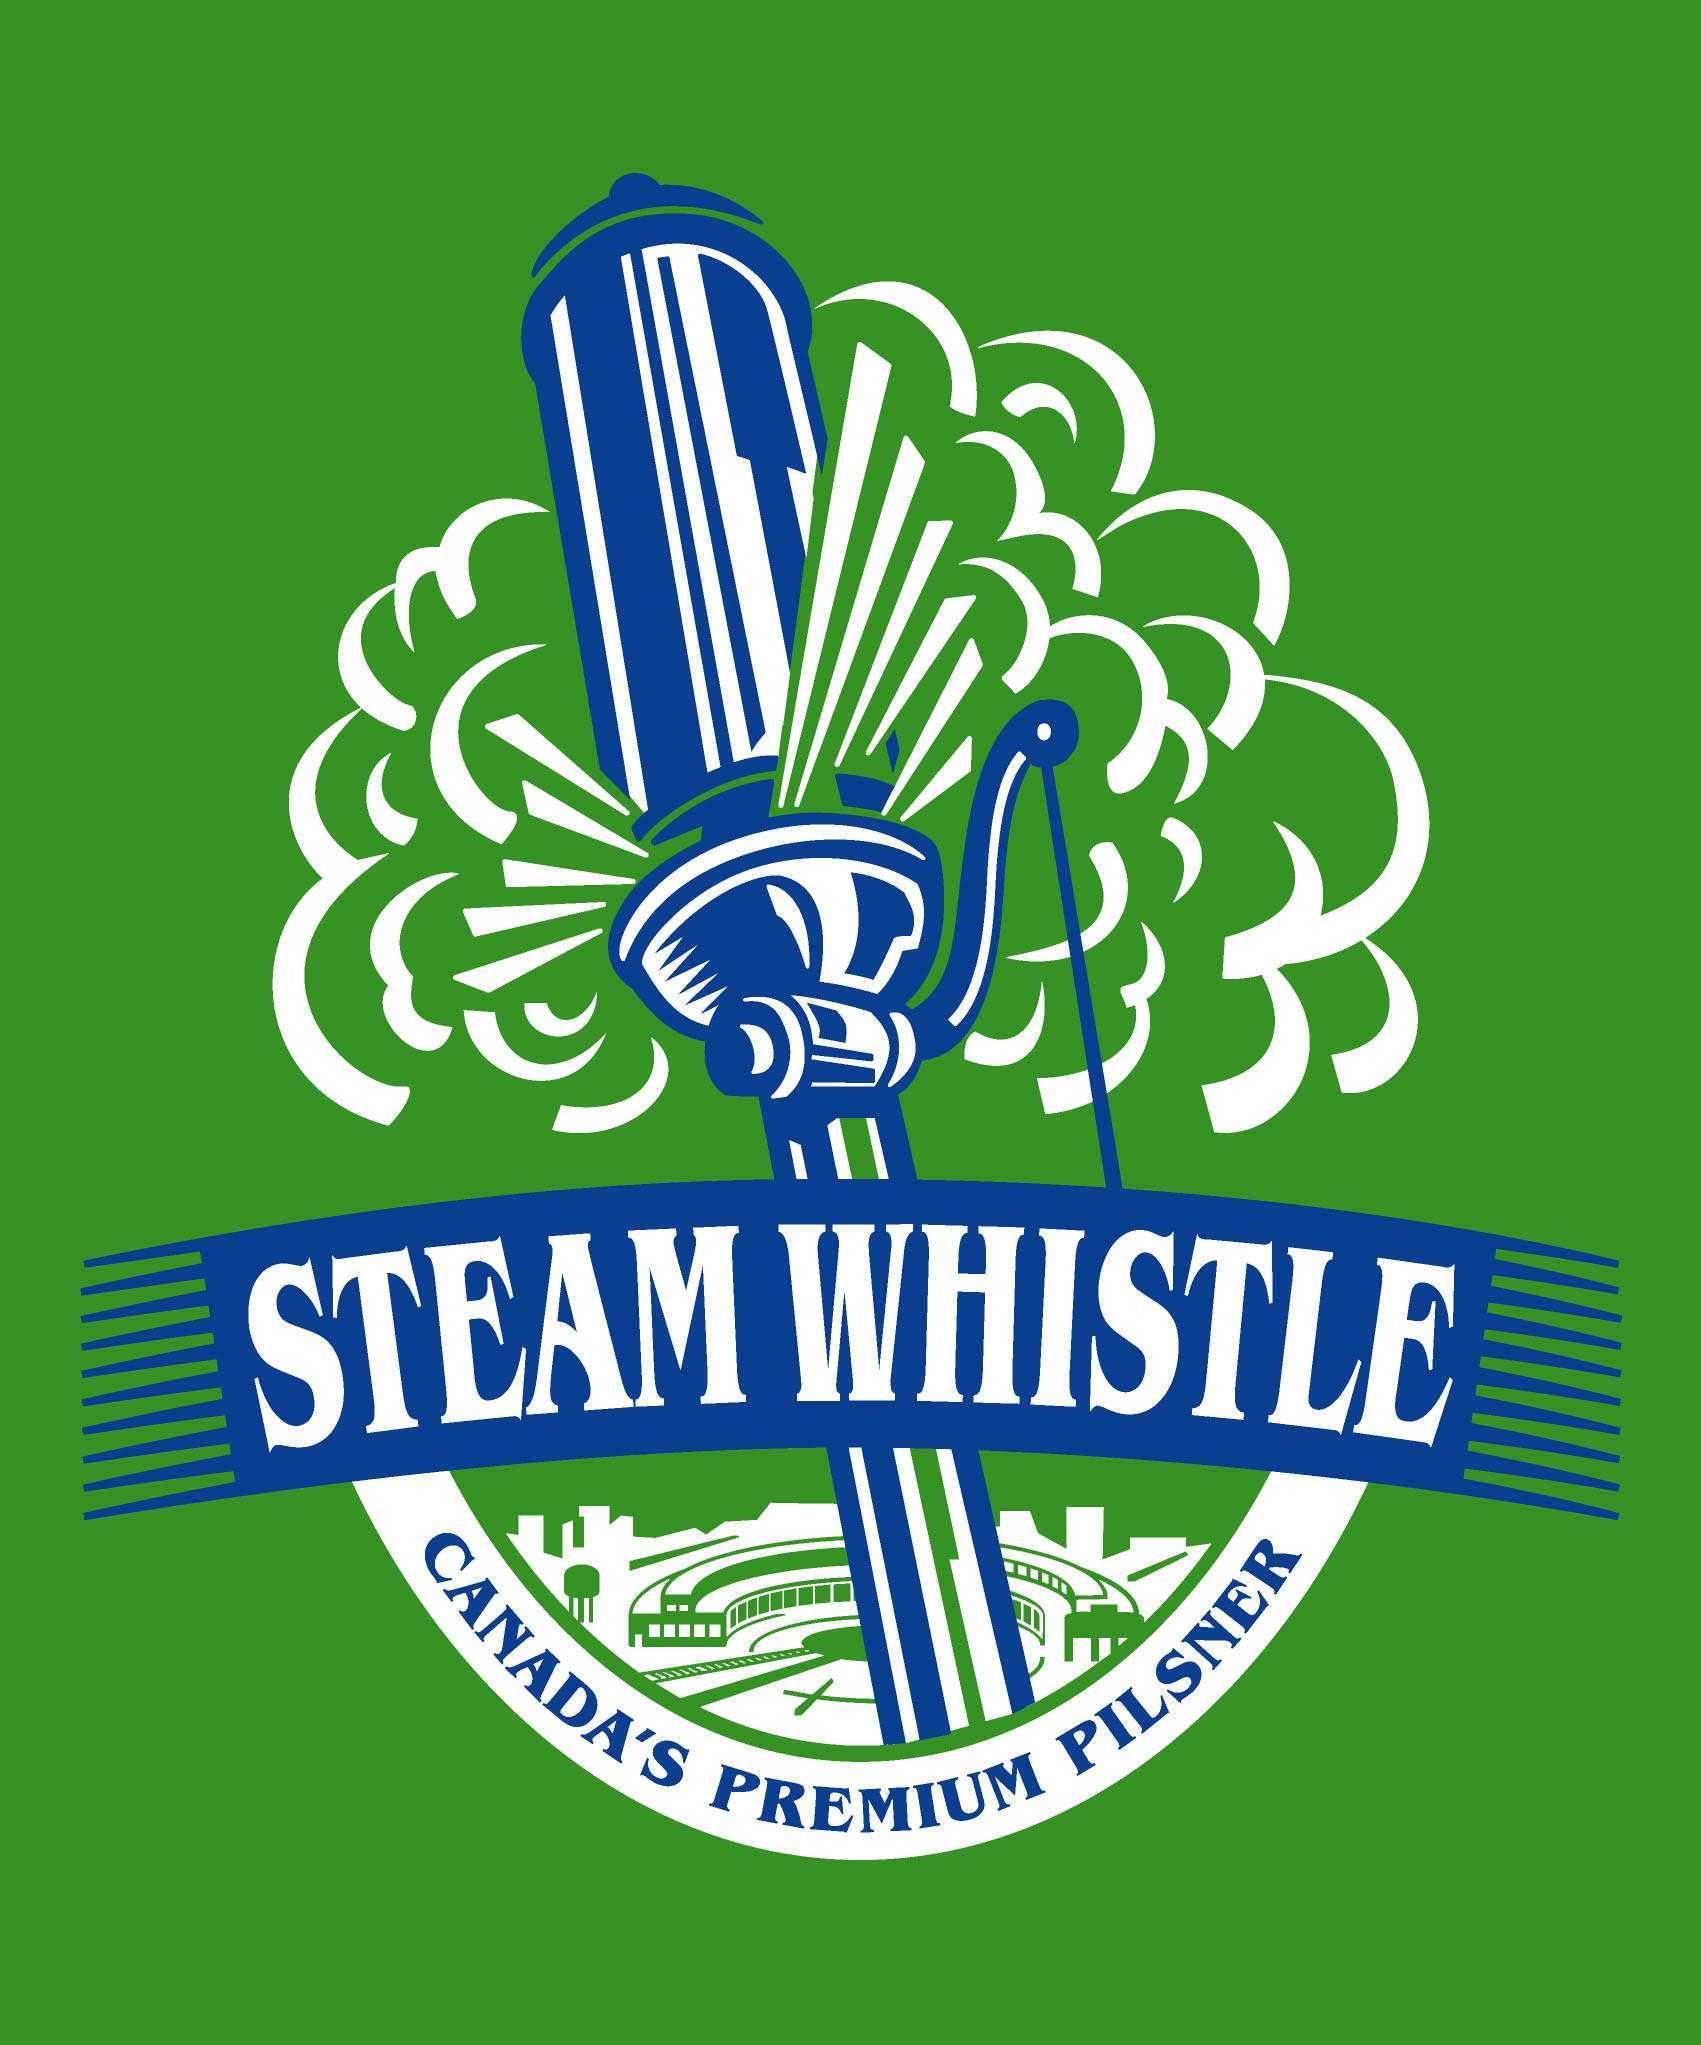 Steam Whistle - Pilsner